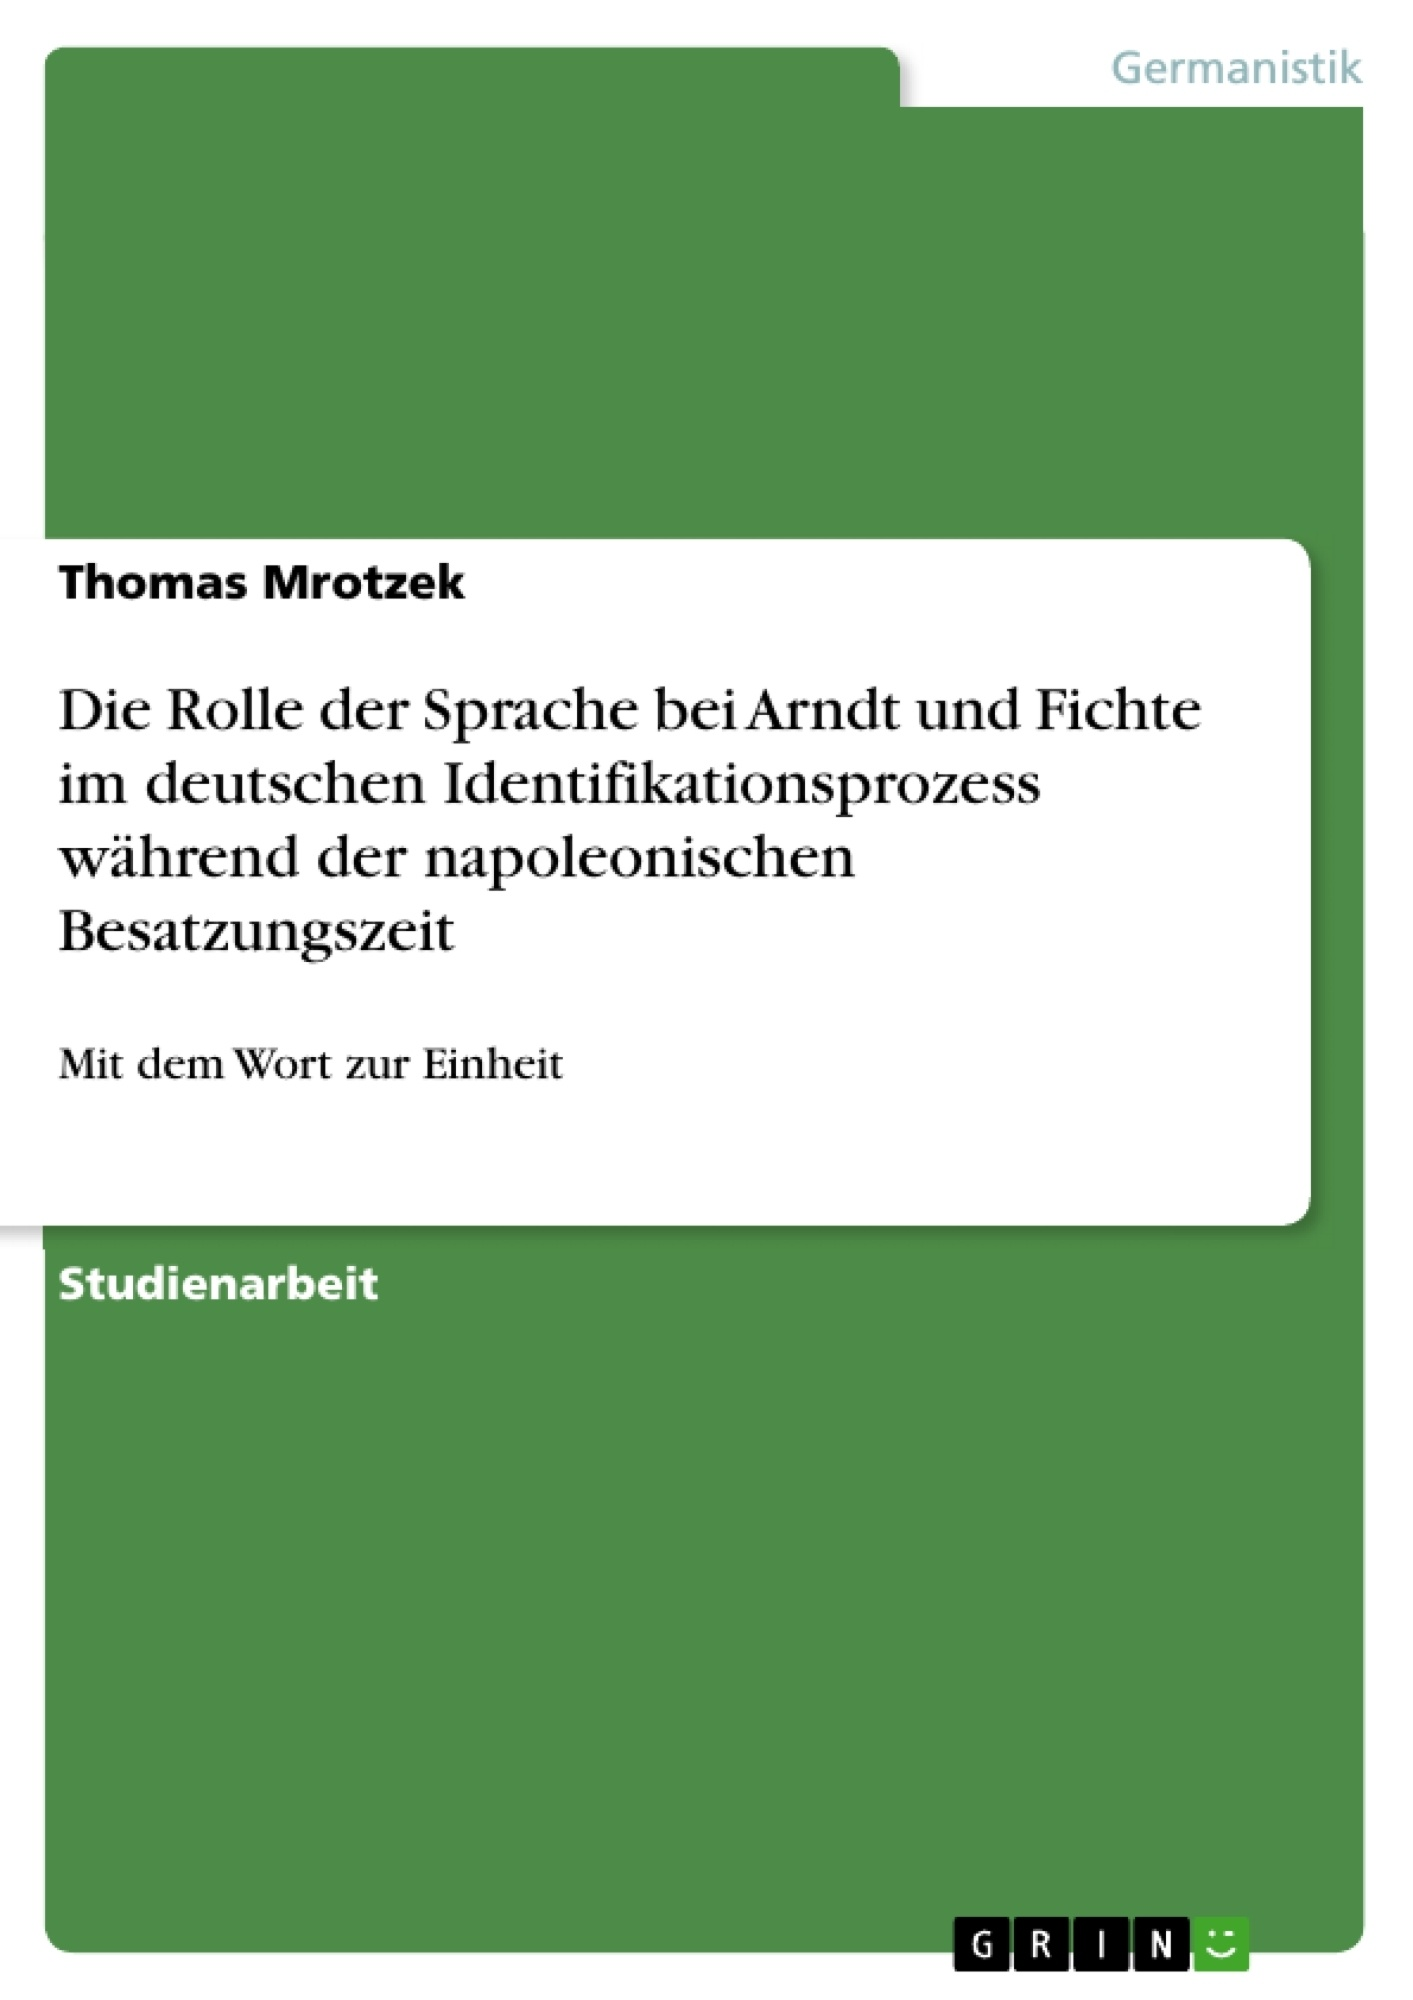 Titel: Die Rolle der Sprache bei Arndt und Fichte im deutschen Identifikationsprozess während der napoleonischen Besatzungszeit